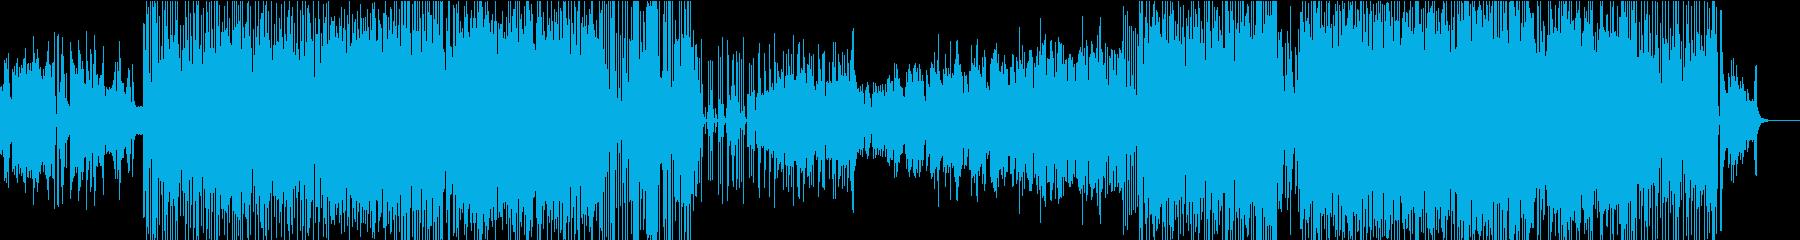 ピアノとアコーディオンの明るい曲ですの再生済みの波形